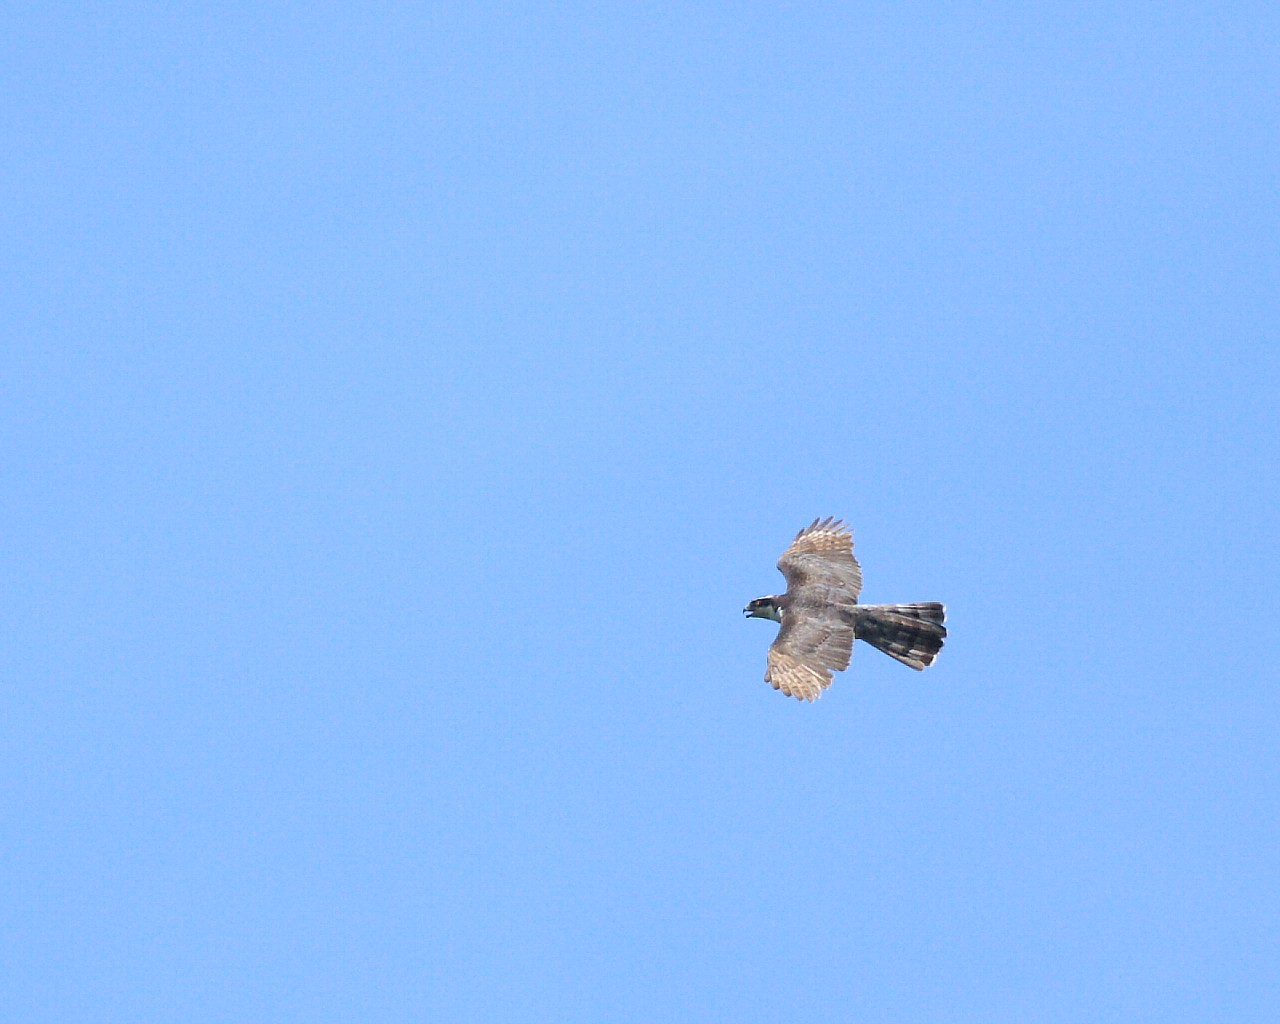 梅雨明け(?)の青空背景にオオタカお父さんの雄飛_f0105570_15363273.jpg